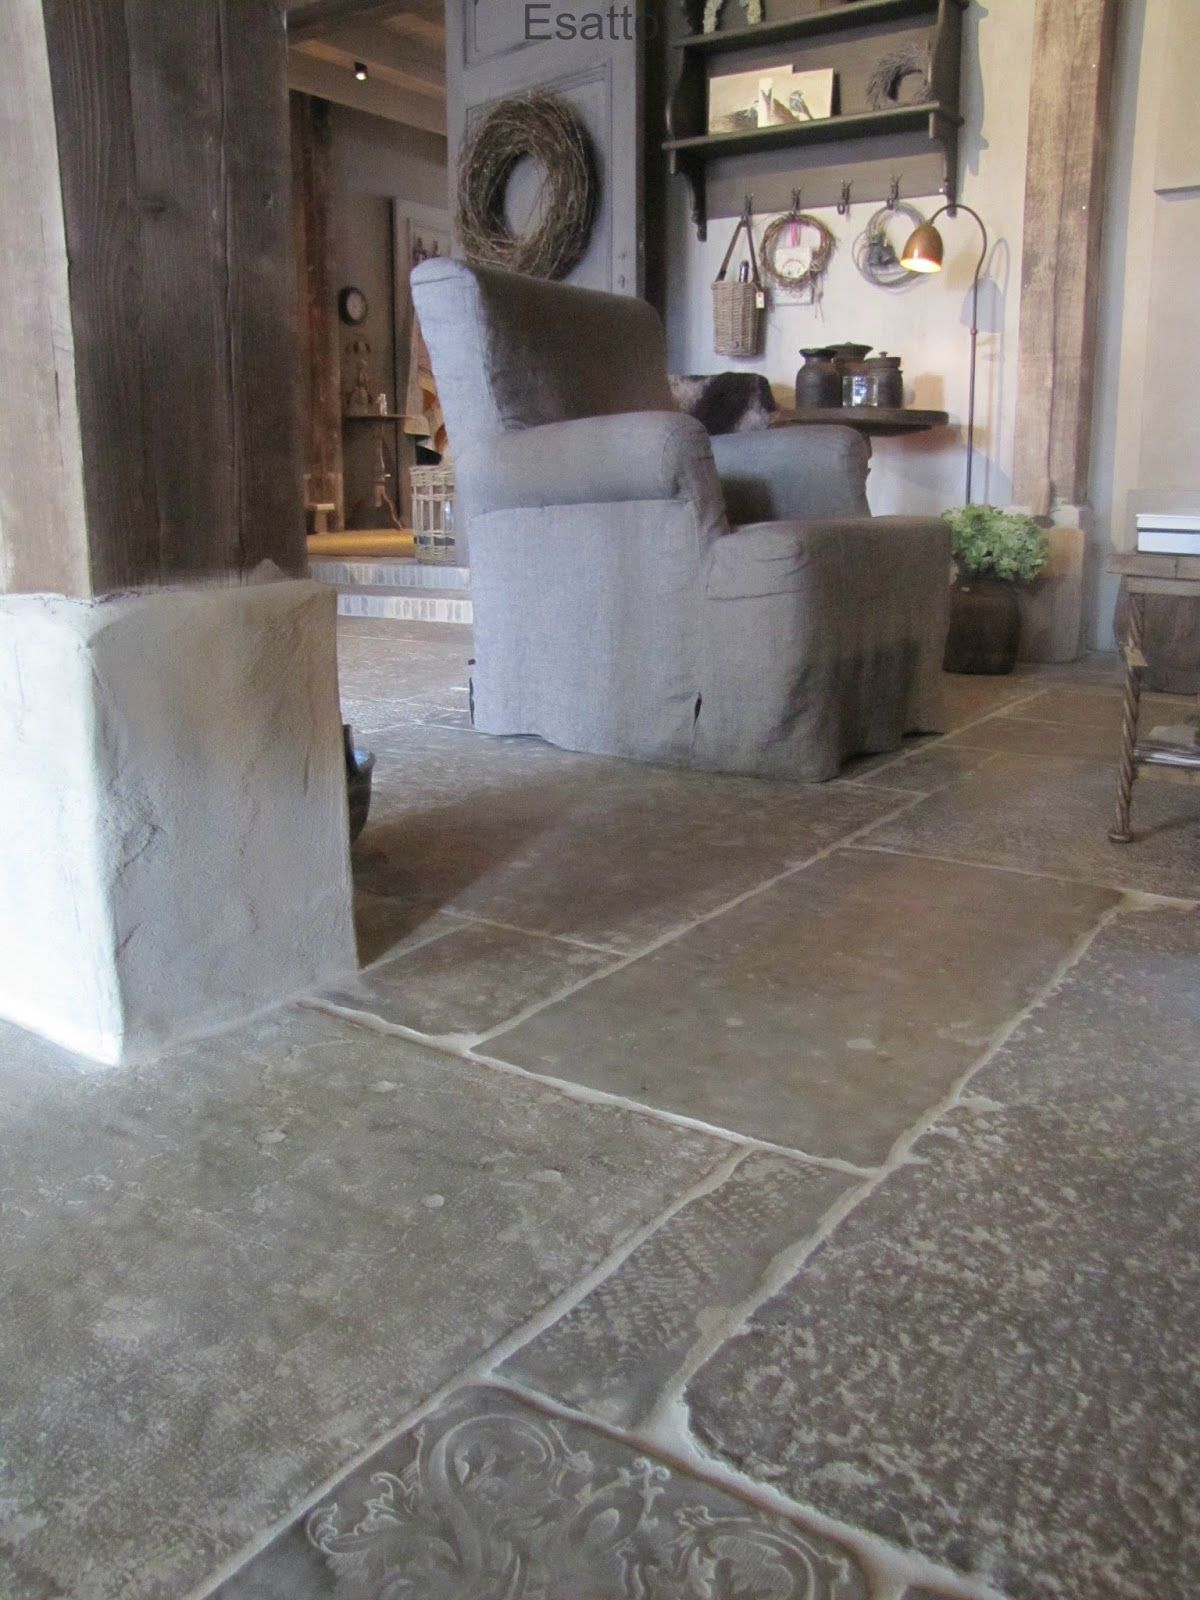 Esatto castle stones vloeren pinterest vloeren landelijk wonen en tegel - Keuken met cement tegels ...